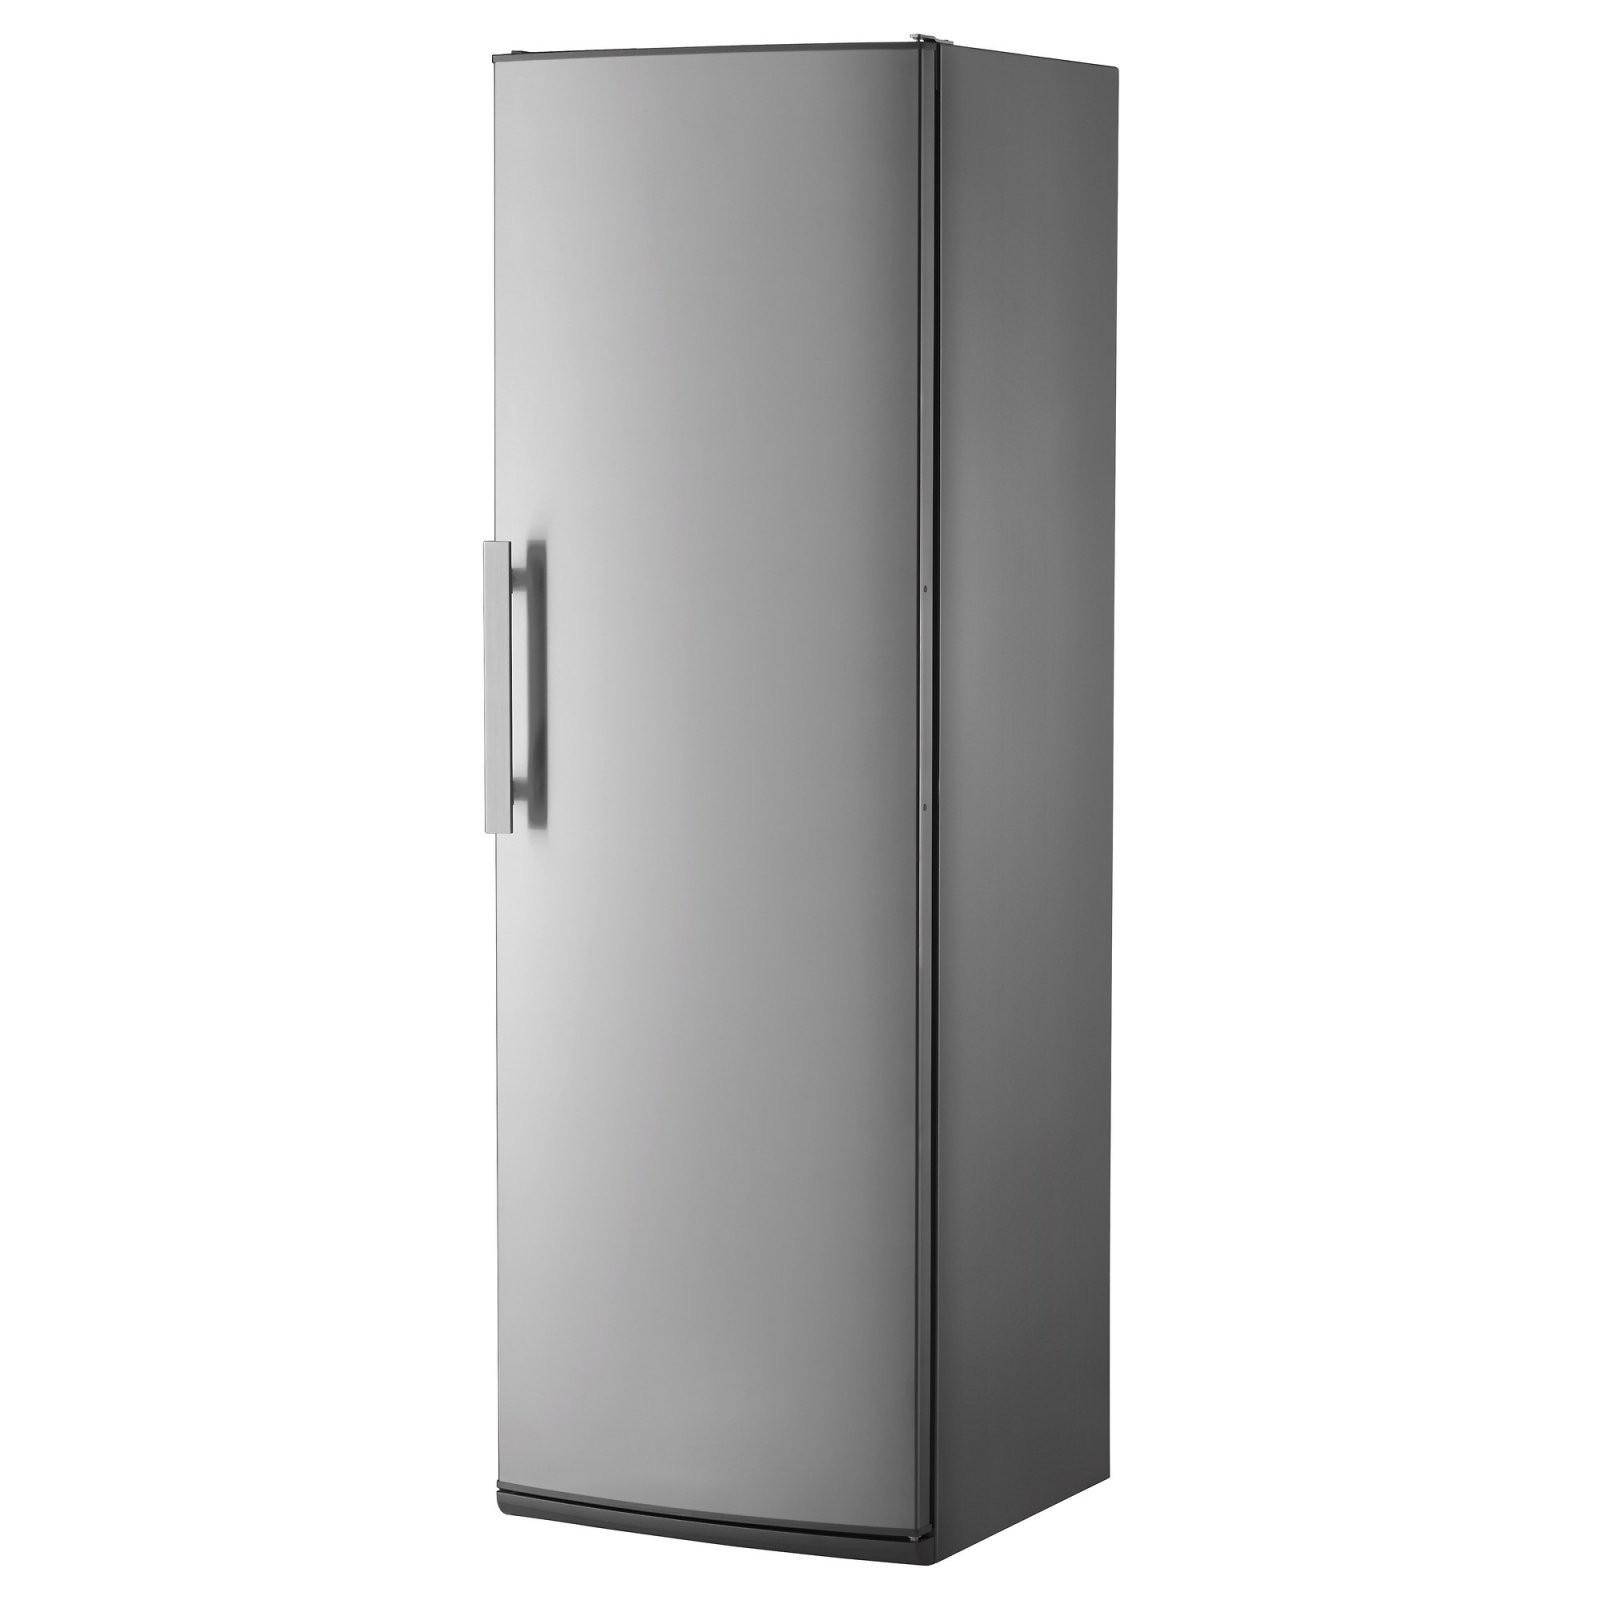 Kühl Gefrierkombination 55 Cm Breit Freistehend  Haus Ideen von Kühlschränke 55 Cm Breit Bild